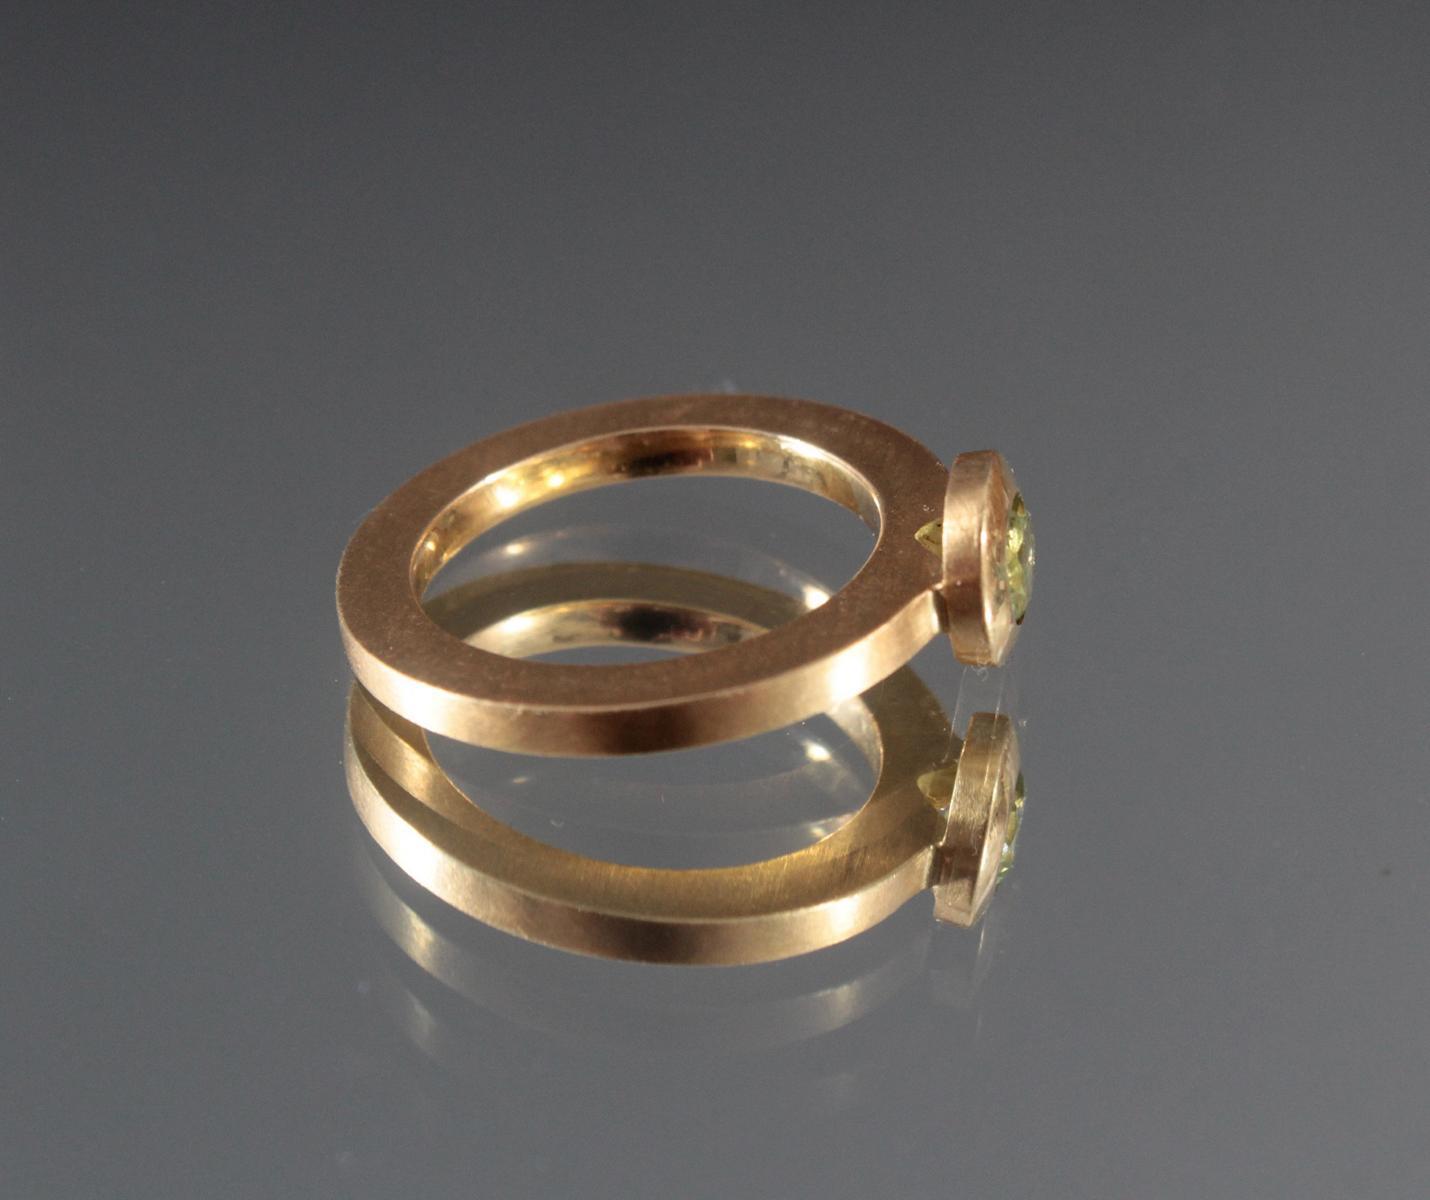 Damenring mit Peridot im Diamantschliff. 18 Karat Gelbgold-3